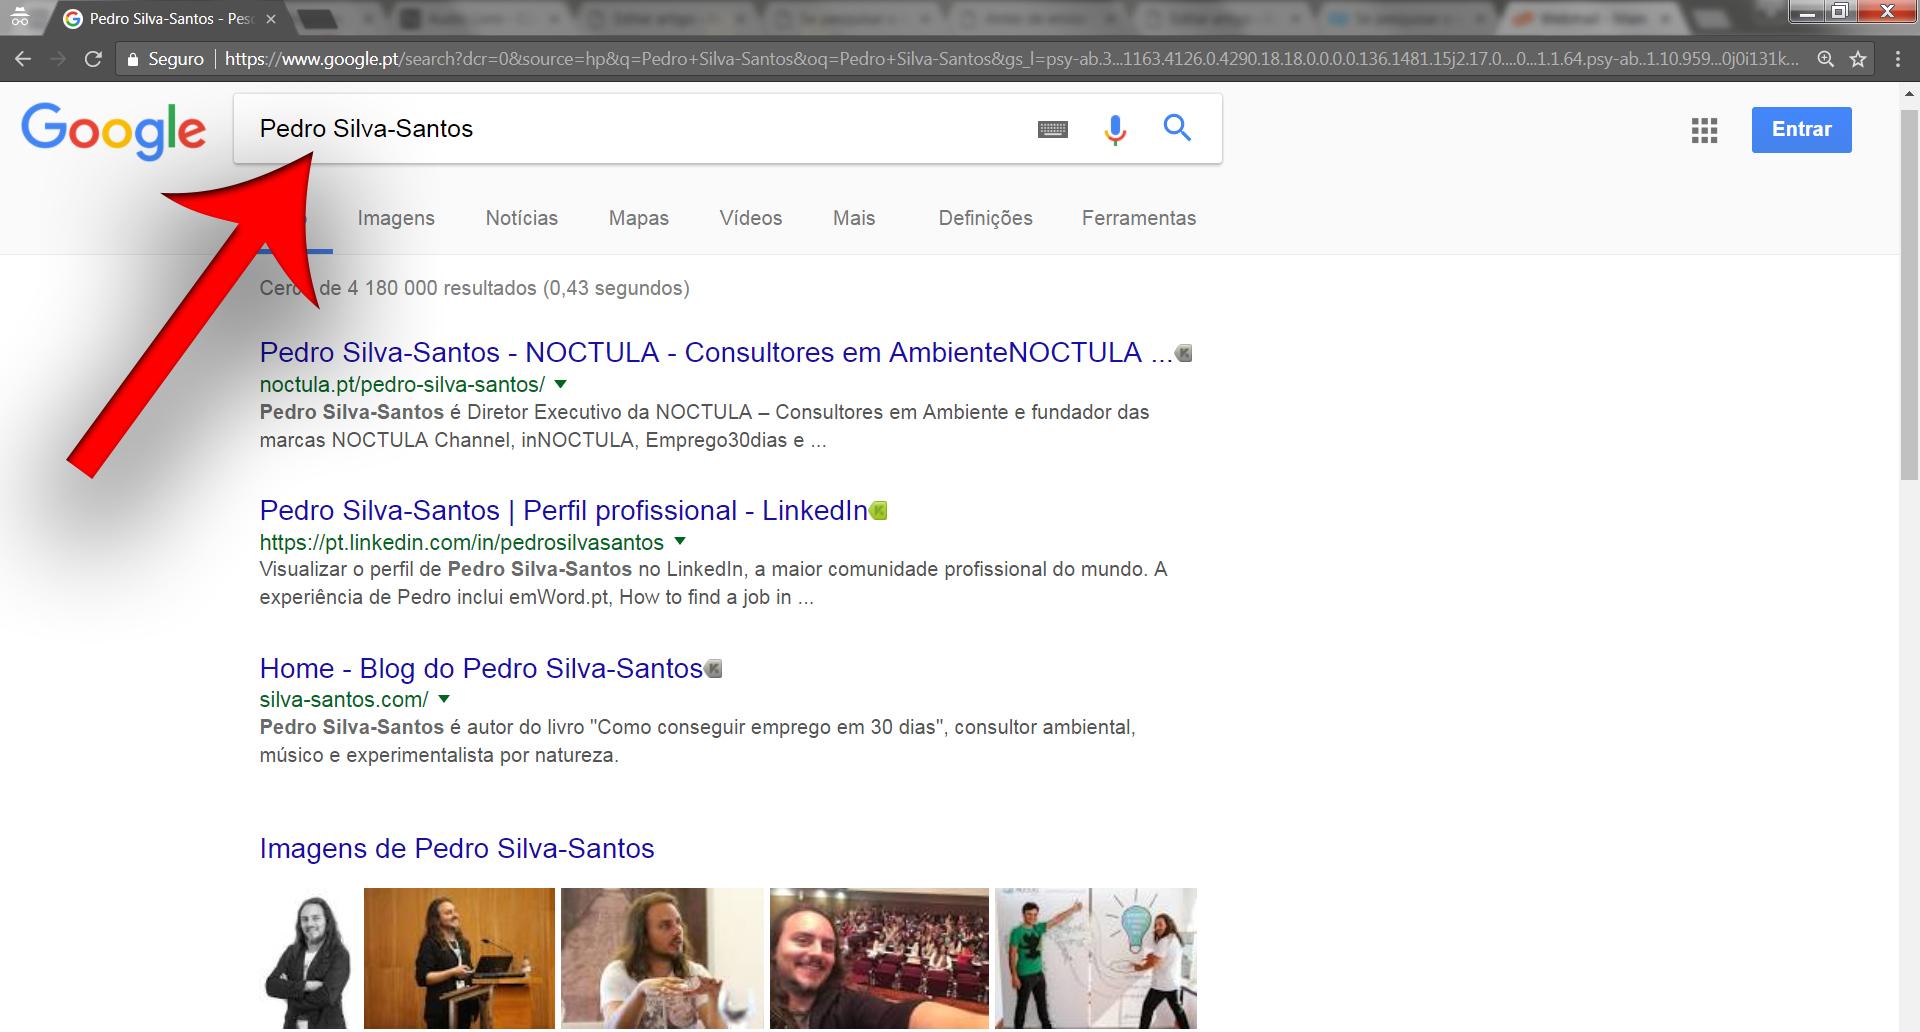 Pesquise o seu nome no Google - Pedro Silva-Santos